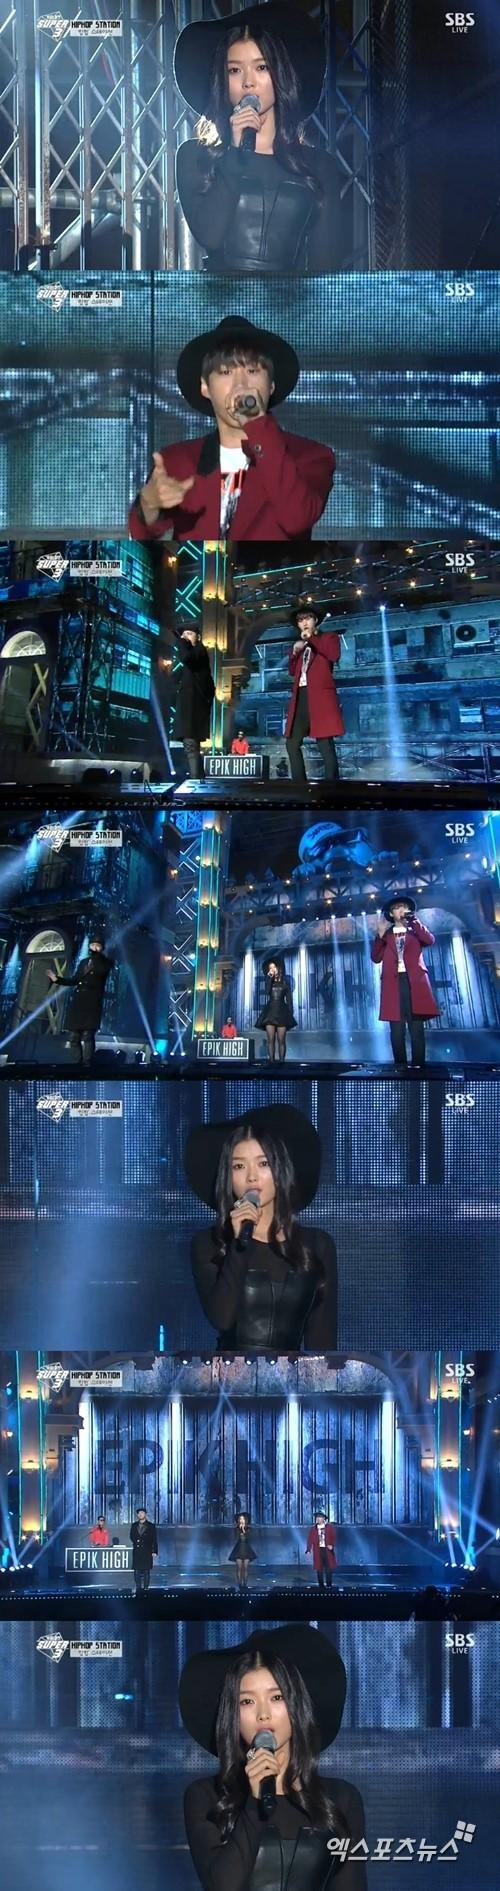 '가요대전'에서 에픽하이와 김유정이 콜라보레이션 무대를 꾸몄다. ⓒ SBS 방송화면